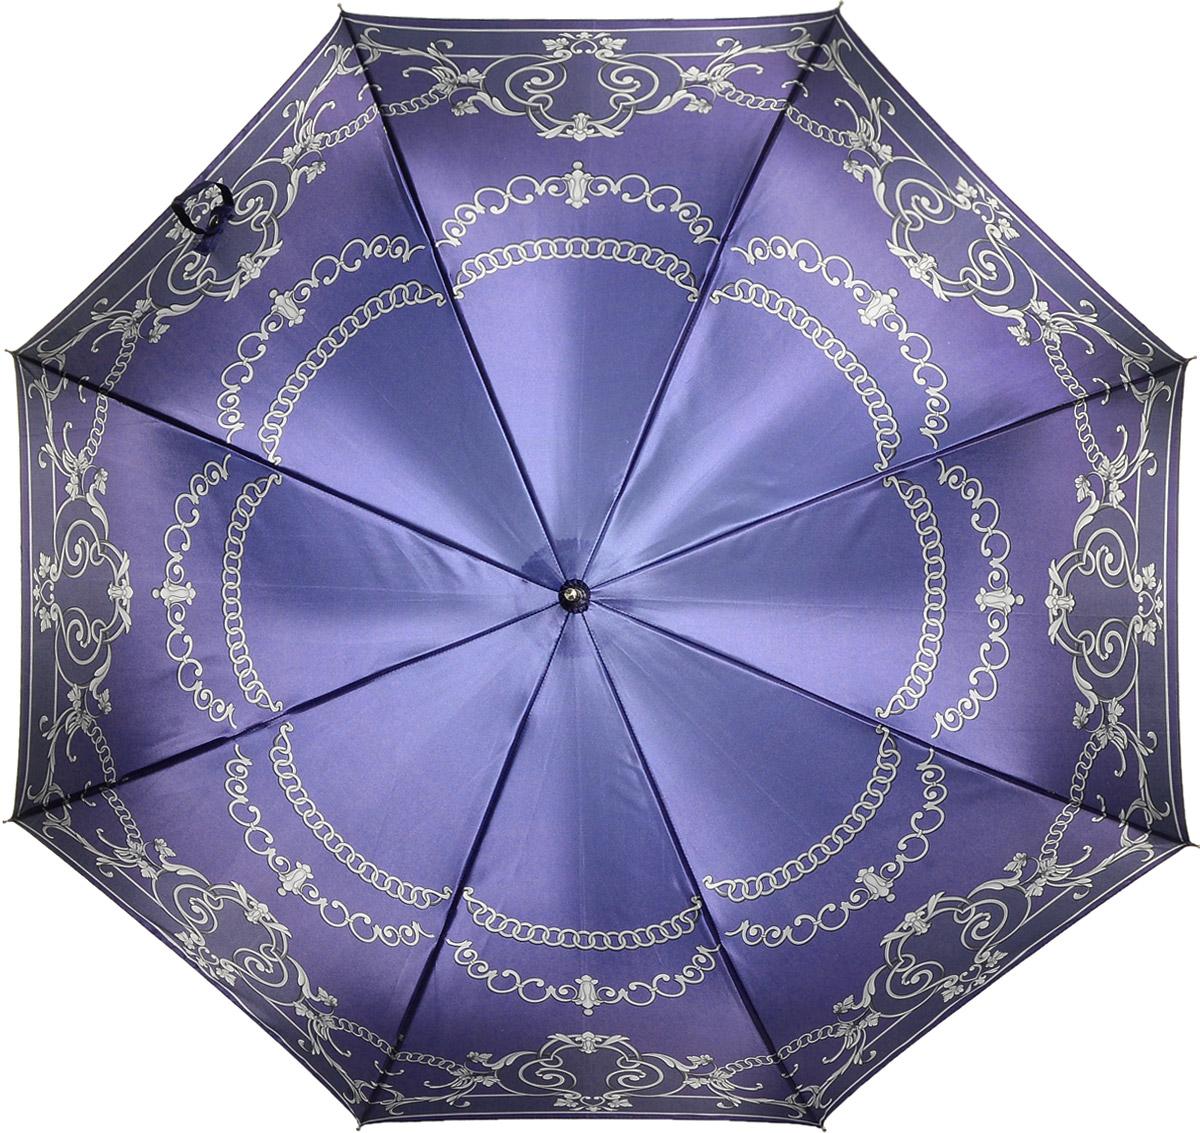 Зонт женский Fabretti, цвет: фиолетовый. 16191619Женский зонт-трость от итальянского бренда Fabretti. Конструкция модели выполнена из стали и фибергласса, поэтому устойчива к сильному ветру. Глубокий и актуальный в этом сезоне насыщенный фиолетовый цвет сделает вас неотразимой в любую непогоду, а изящный принт в виде элегантных цепочек с элементами роскошного стиля барокко дополнит любой современный образ! Материал купола – сатин. Он невероятно изящен, приятен на ощупь, обладает высокой прочностью, а также устойчив к выцветанию. Эргономичная ручка сделана из высококачественного пластика-полиуретана с противоскользящей обработкой!